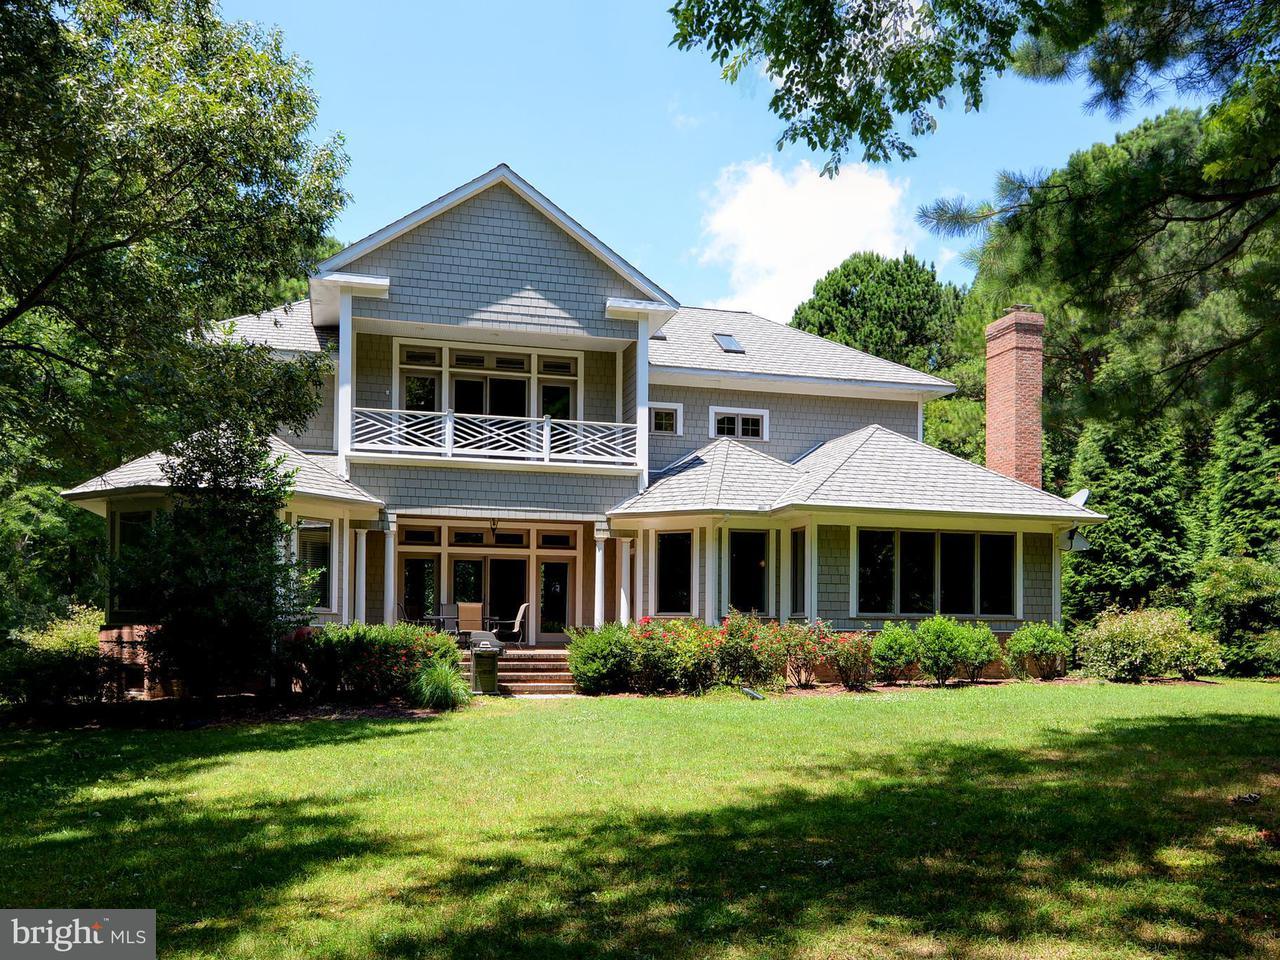 Single Family Home for Sale at 3761 MARGITS Lane 3761 MARGITS Lane Trappe, Maryland 21673 United States